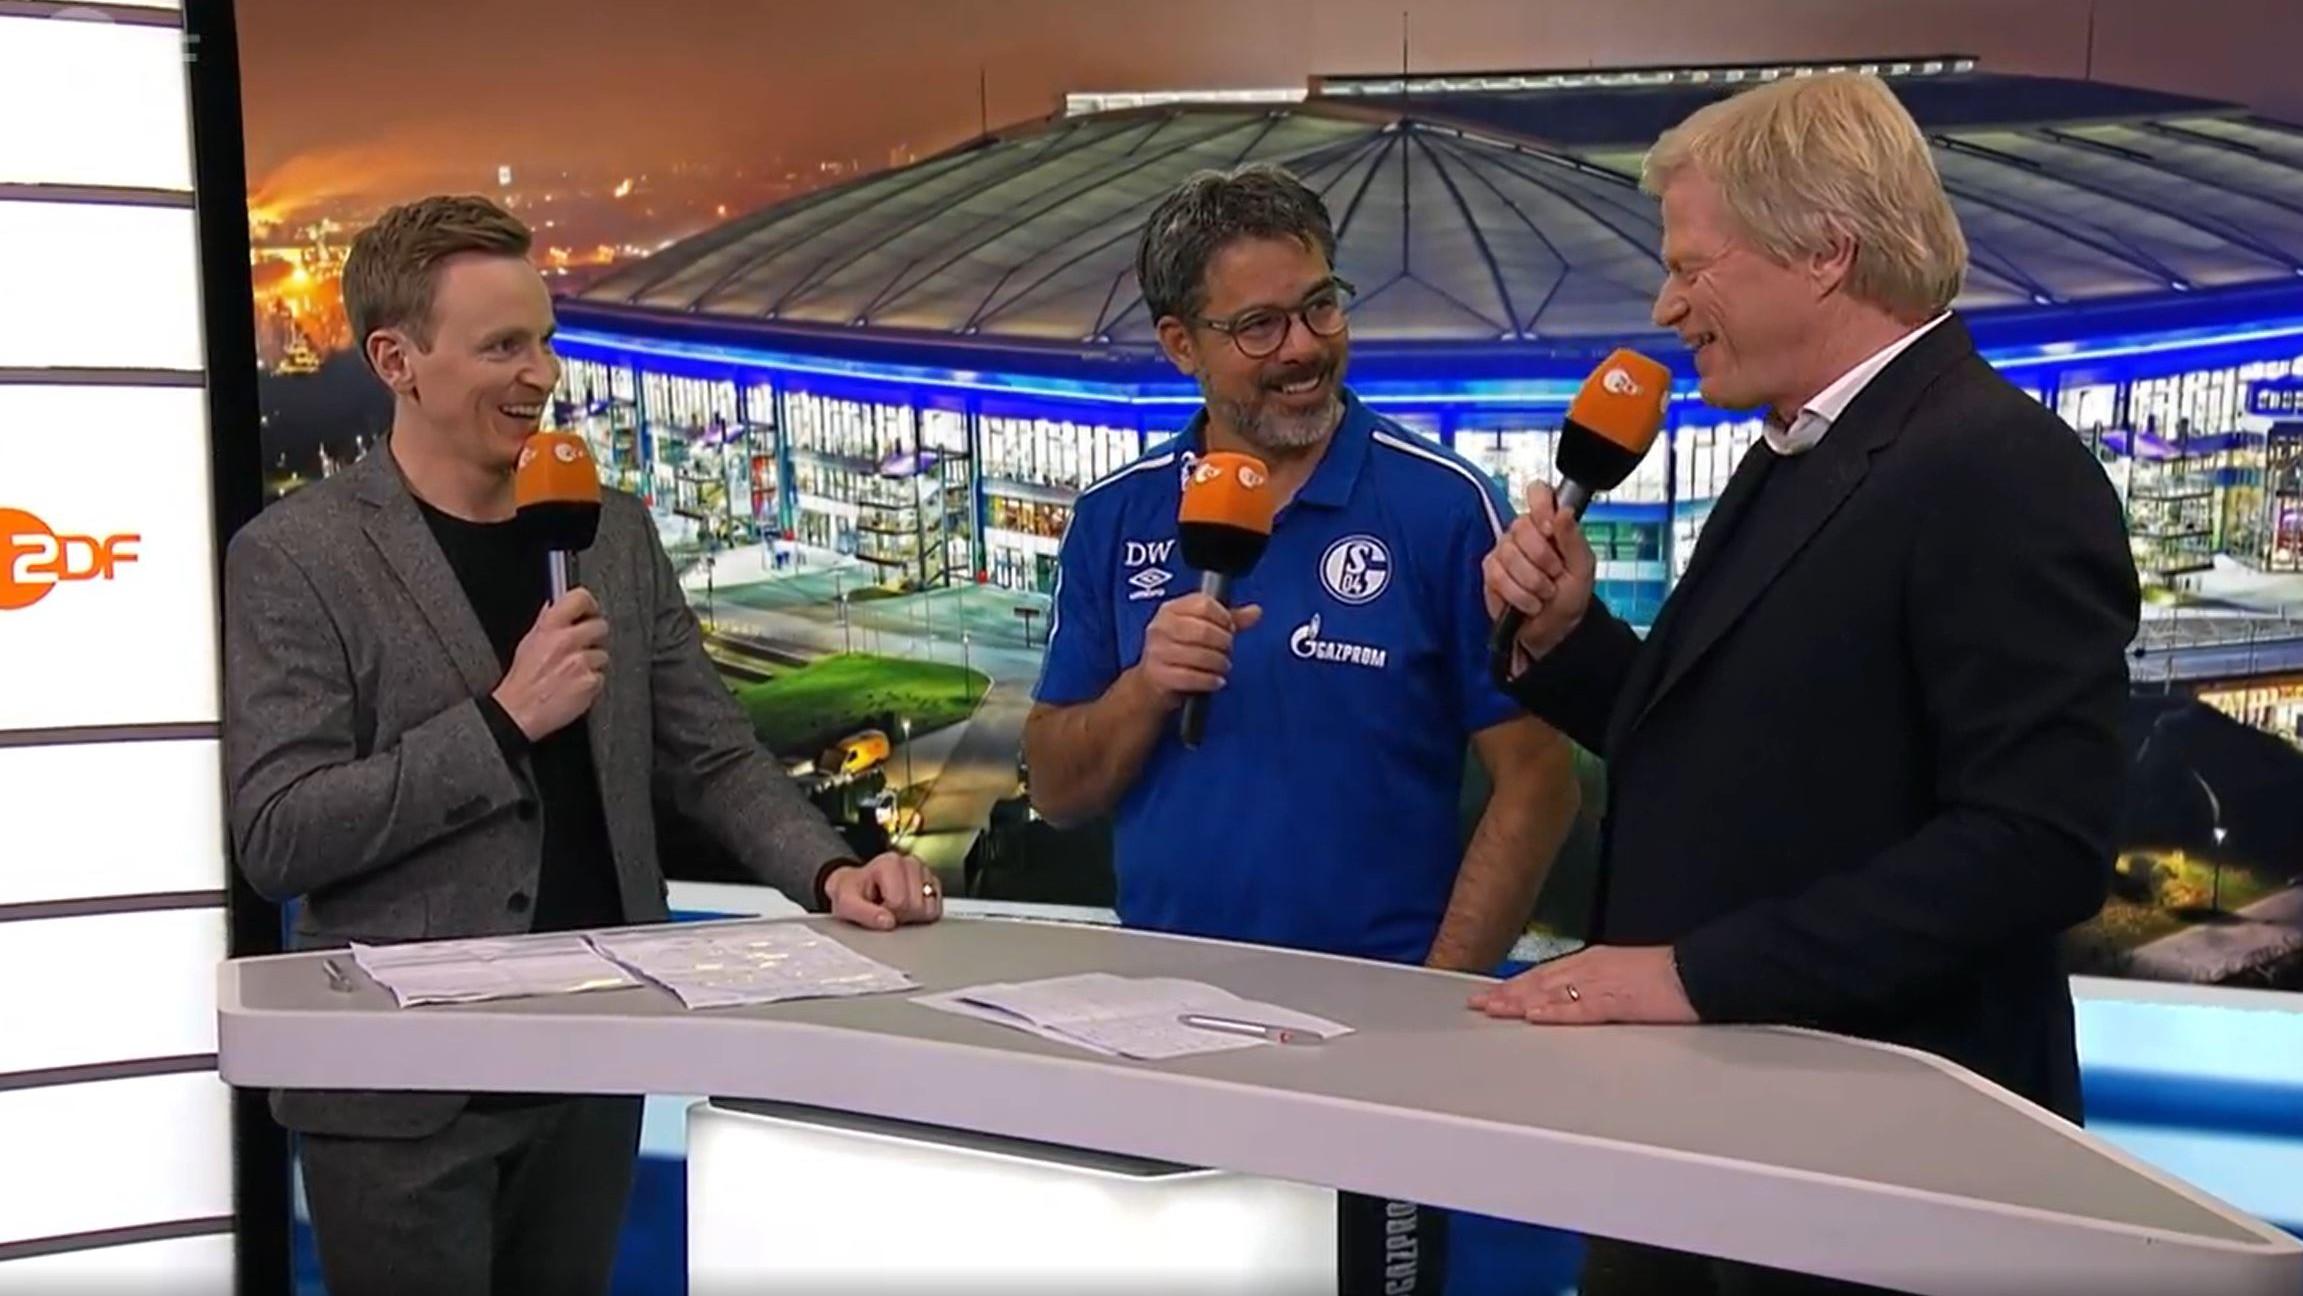 FC Bayern: Kahn mit umstrittenen Auftritt beim ZDF: Schalkes Wagner lacht über Experten - watson image